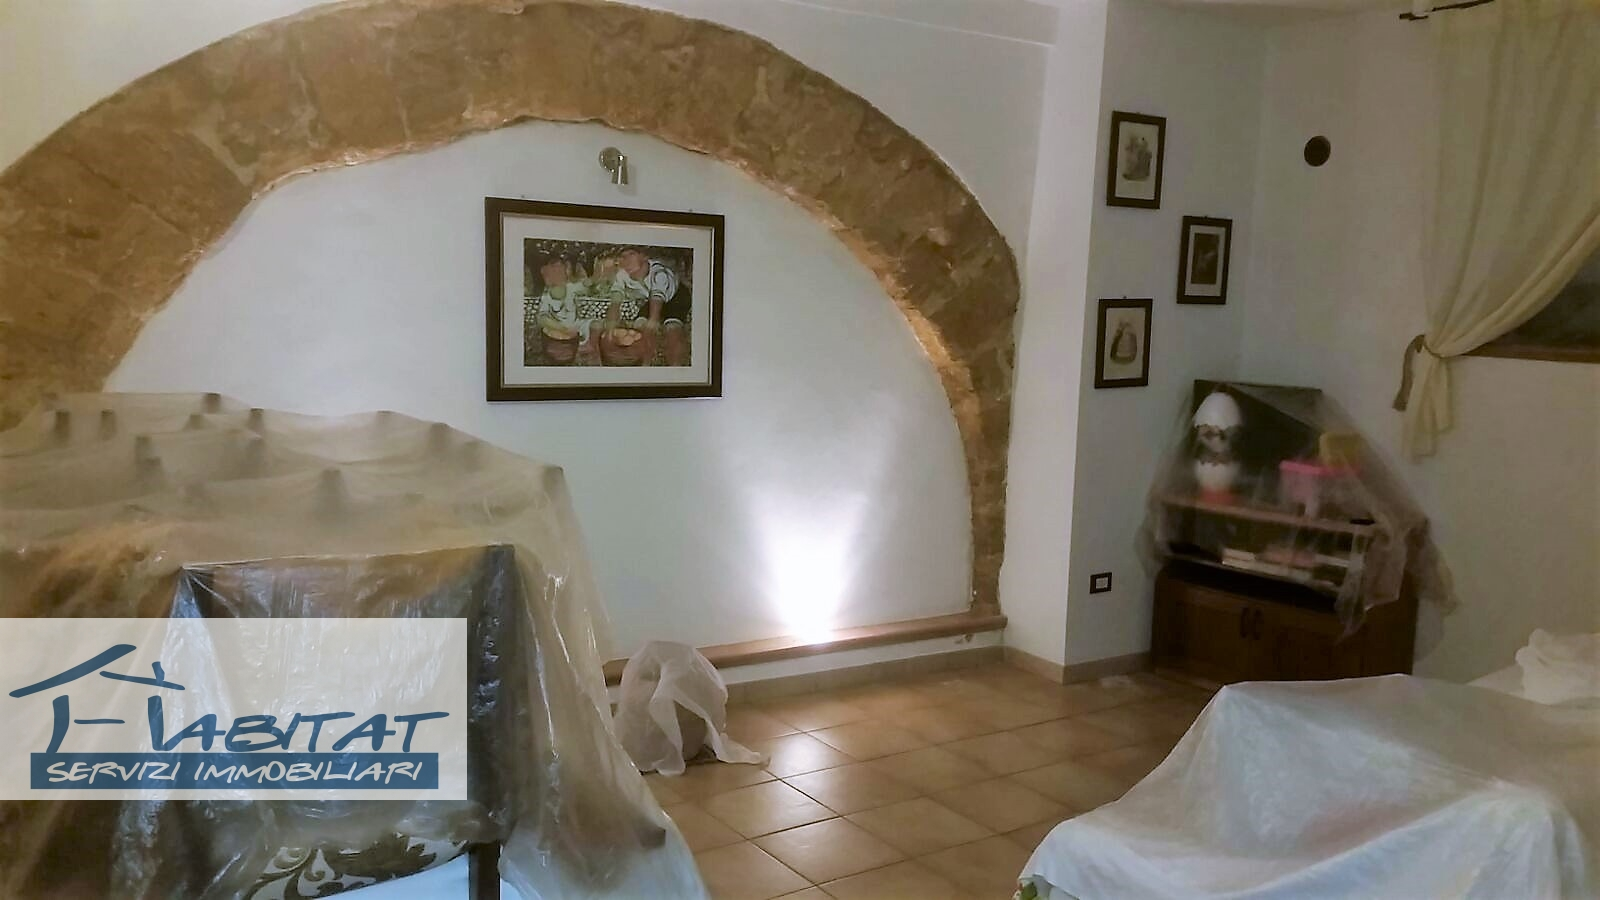 Appartamento in vendita a Agrigento, 6 locali, zona Zona: Centro, prezzo € 75.000 | CambioCasa.it